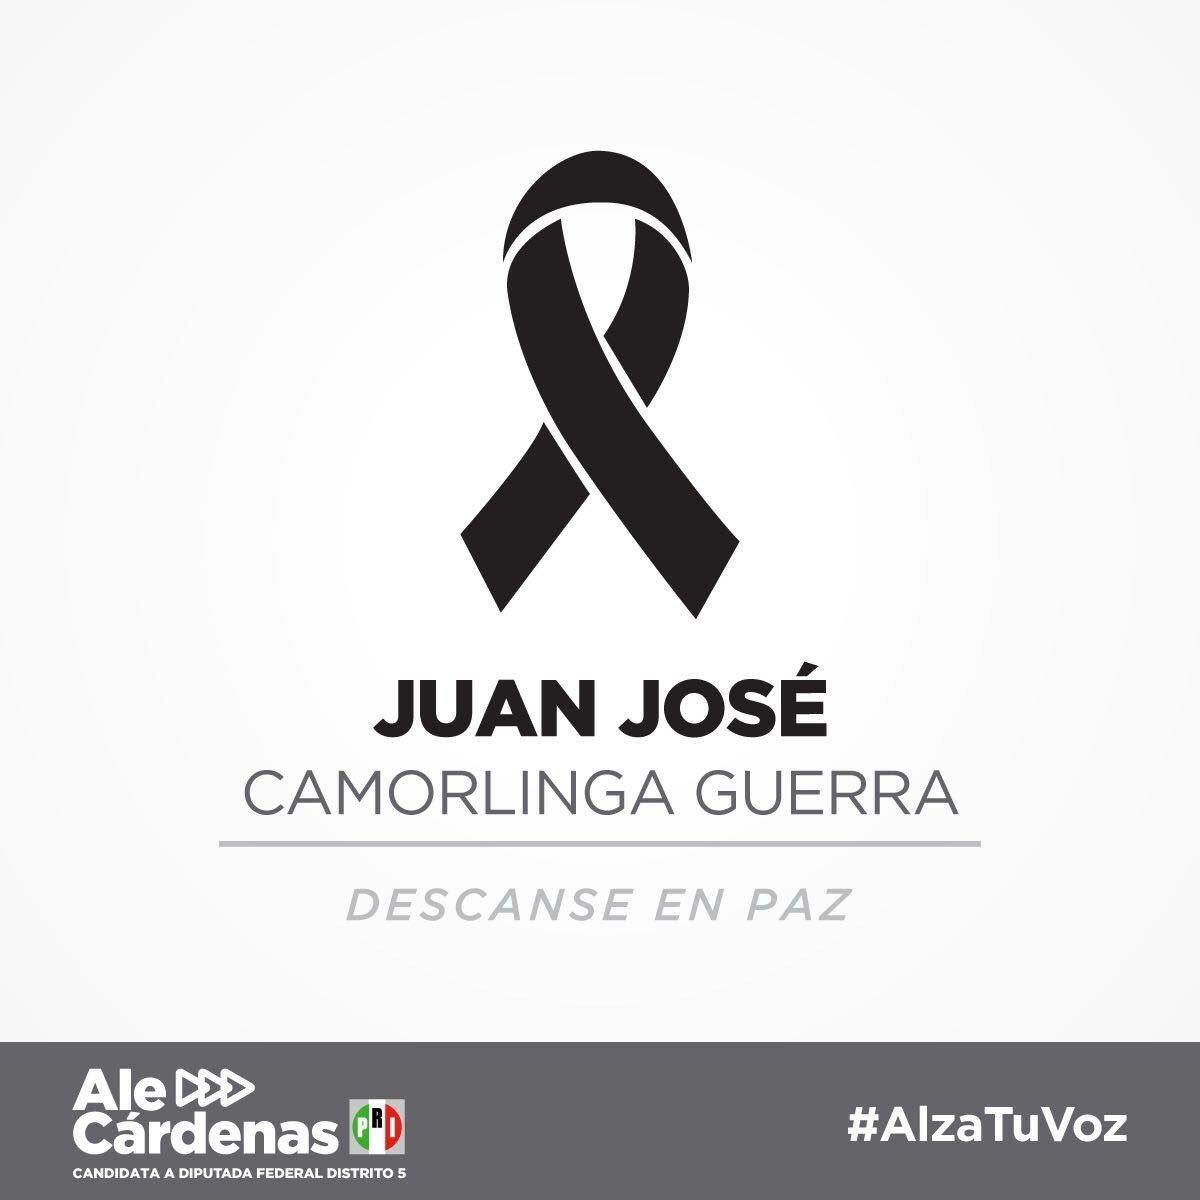 Mensaje de diputada del PRI, luego de asesinato de Juan José Camorlinga